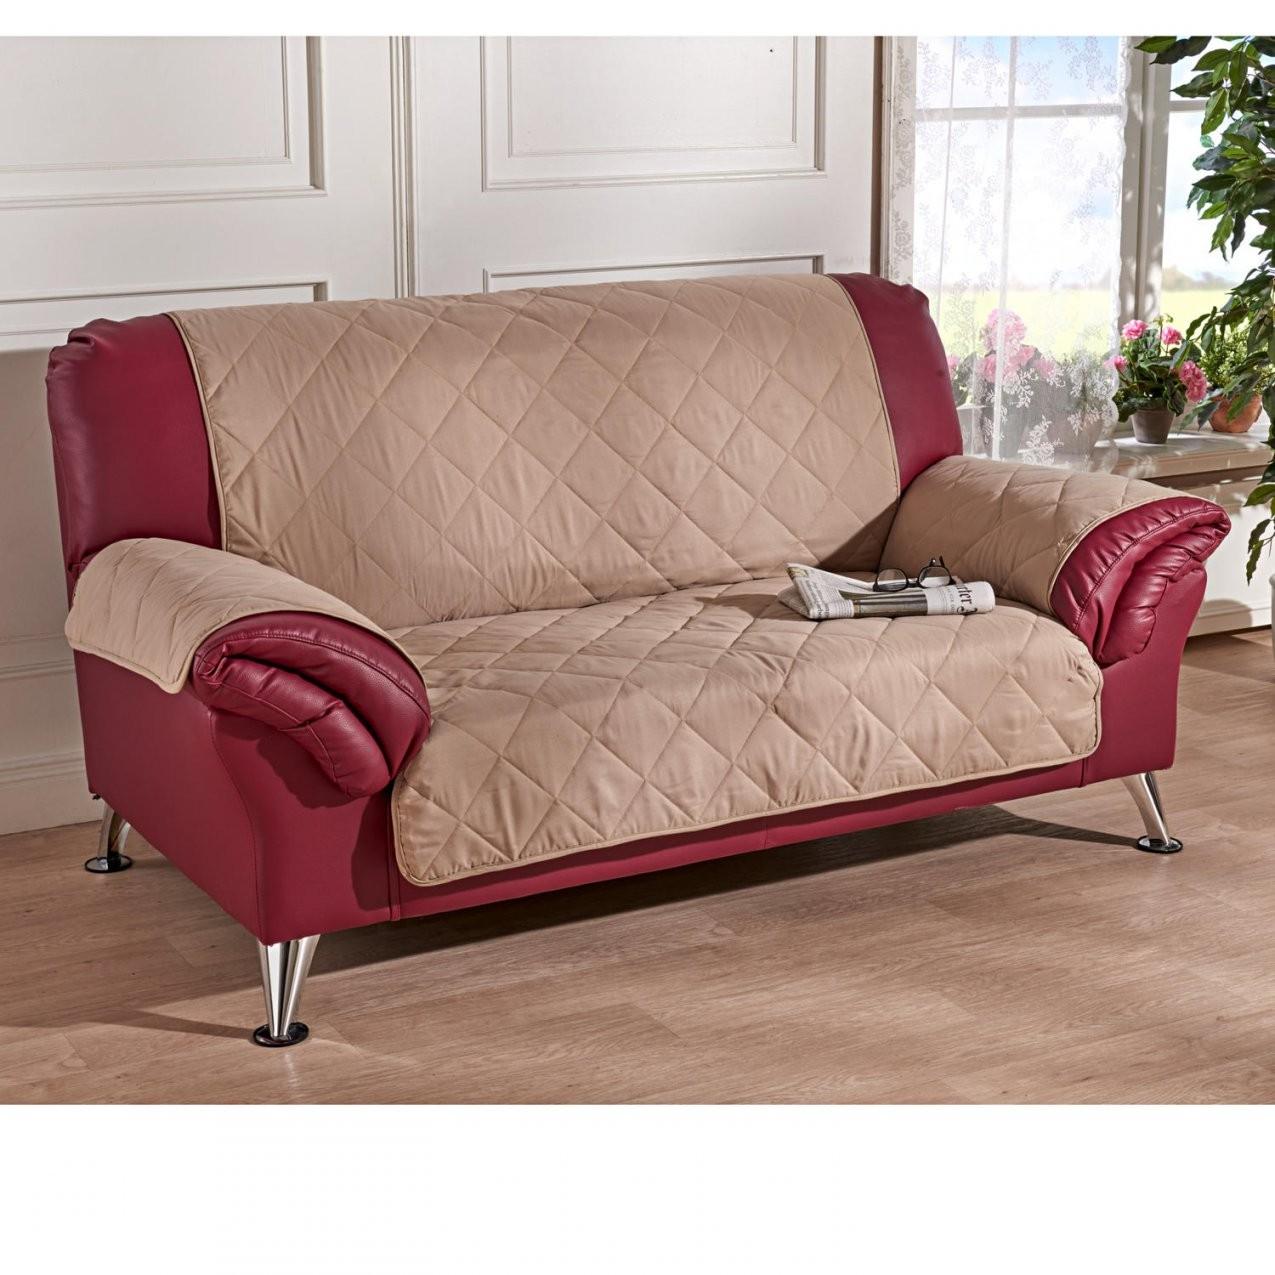 Sofaüberwurf 2Sitzer Beige Kaufen von Sofaüberwurf 3 Sitzer Photo